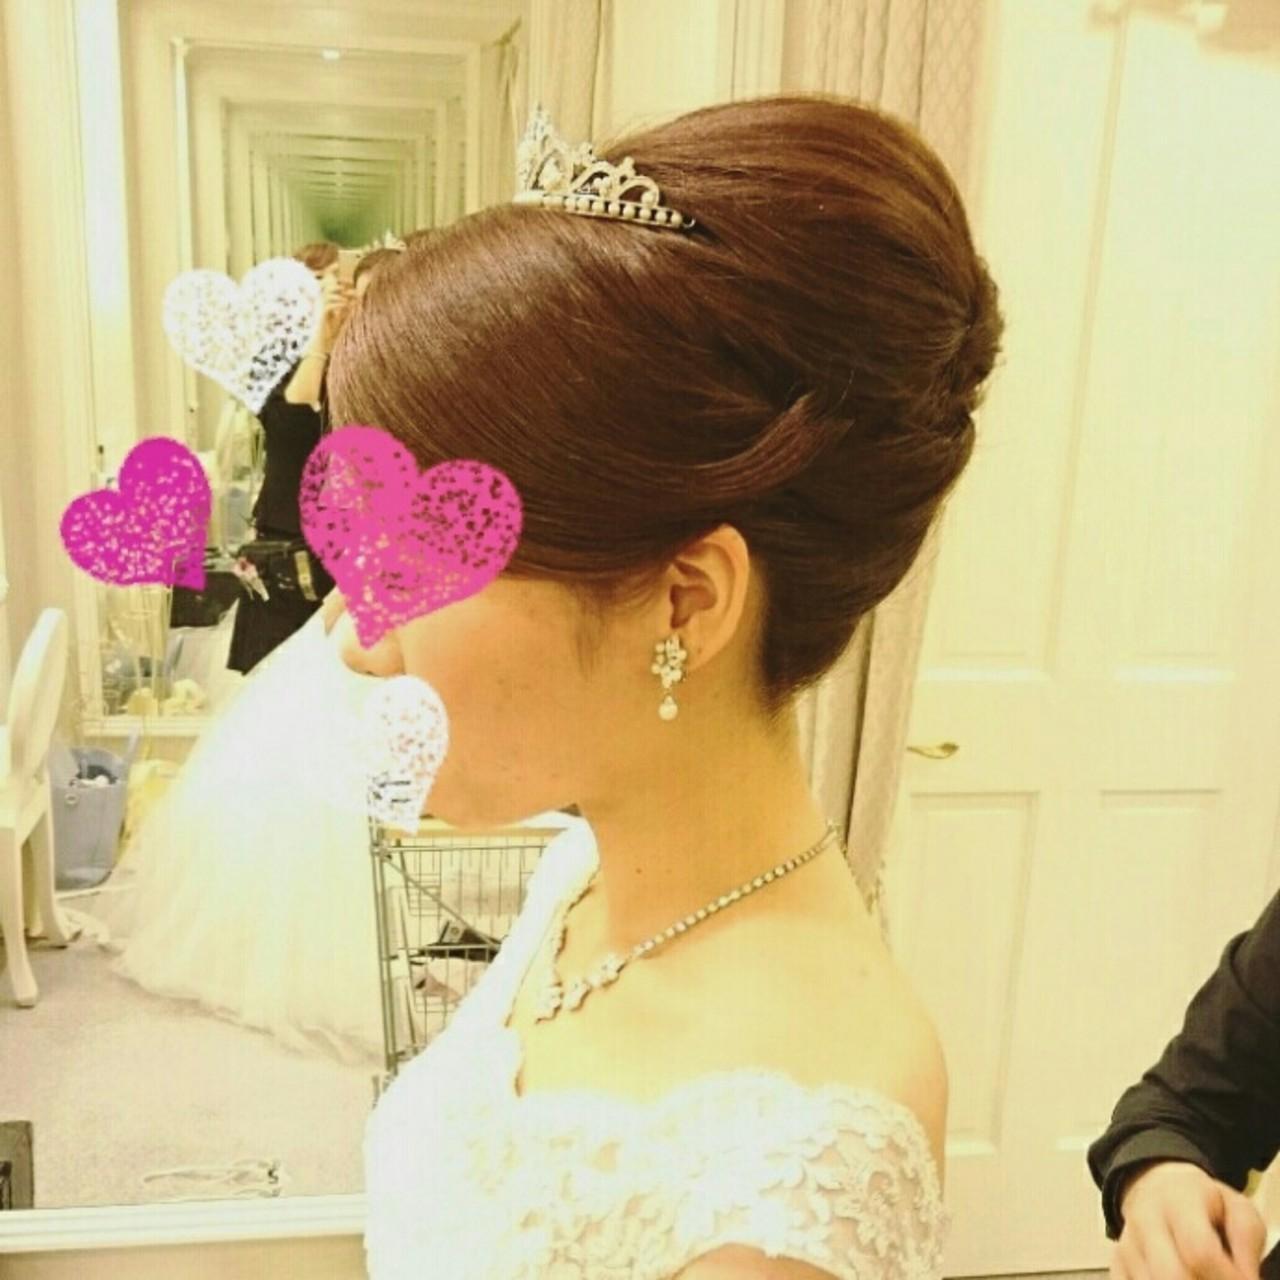 《花嫁アレンジ特集》結婚式の主役はあなた♡ステキな髪型を選ぼう!の7枚目の画像